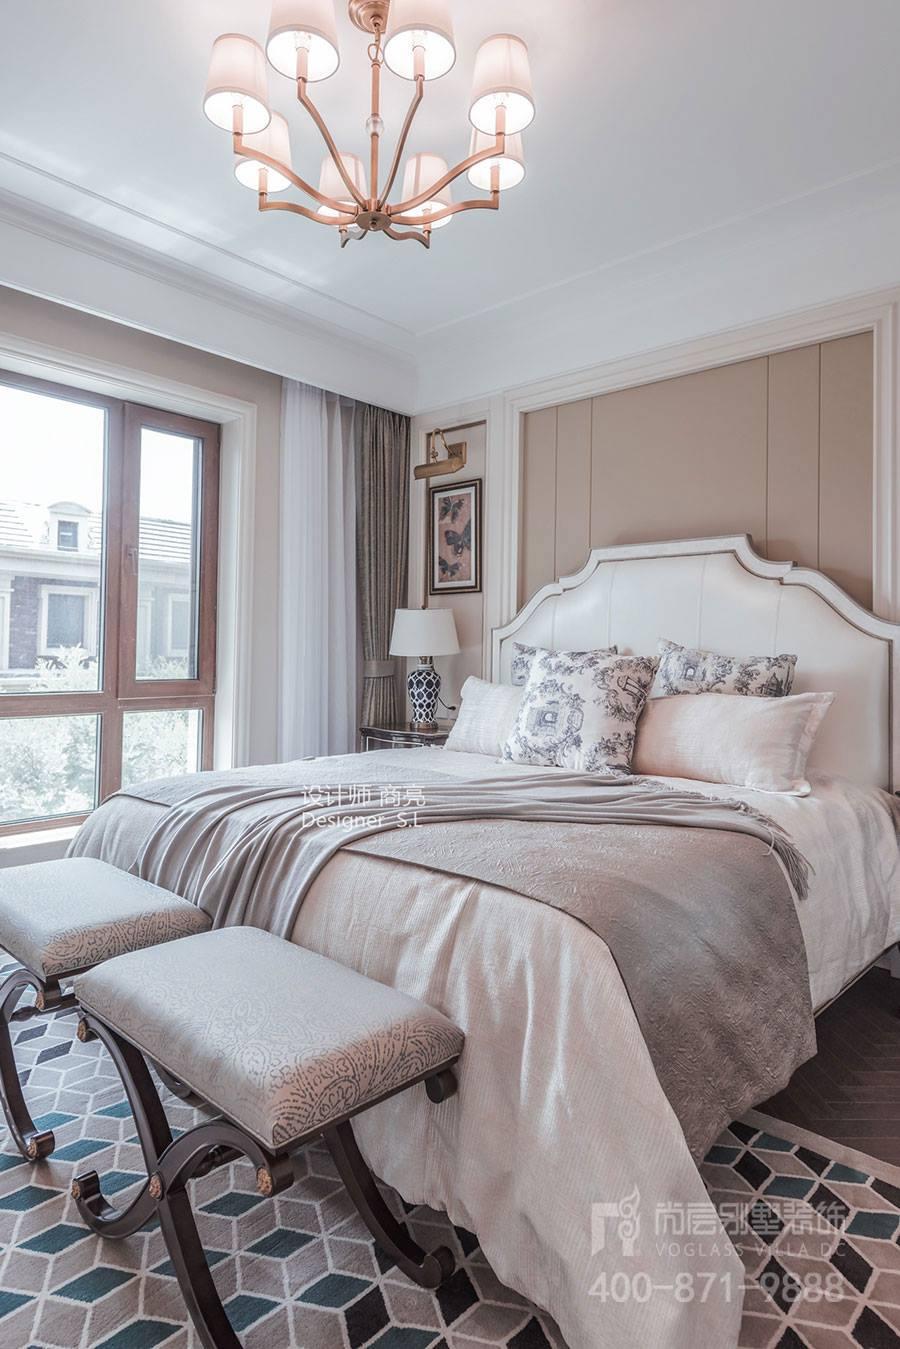 装饰是贴墙纸,欧式风格壁纸有条纹和花卉等图案,颜色较浅,以金色,白色